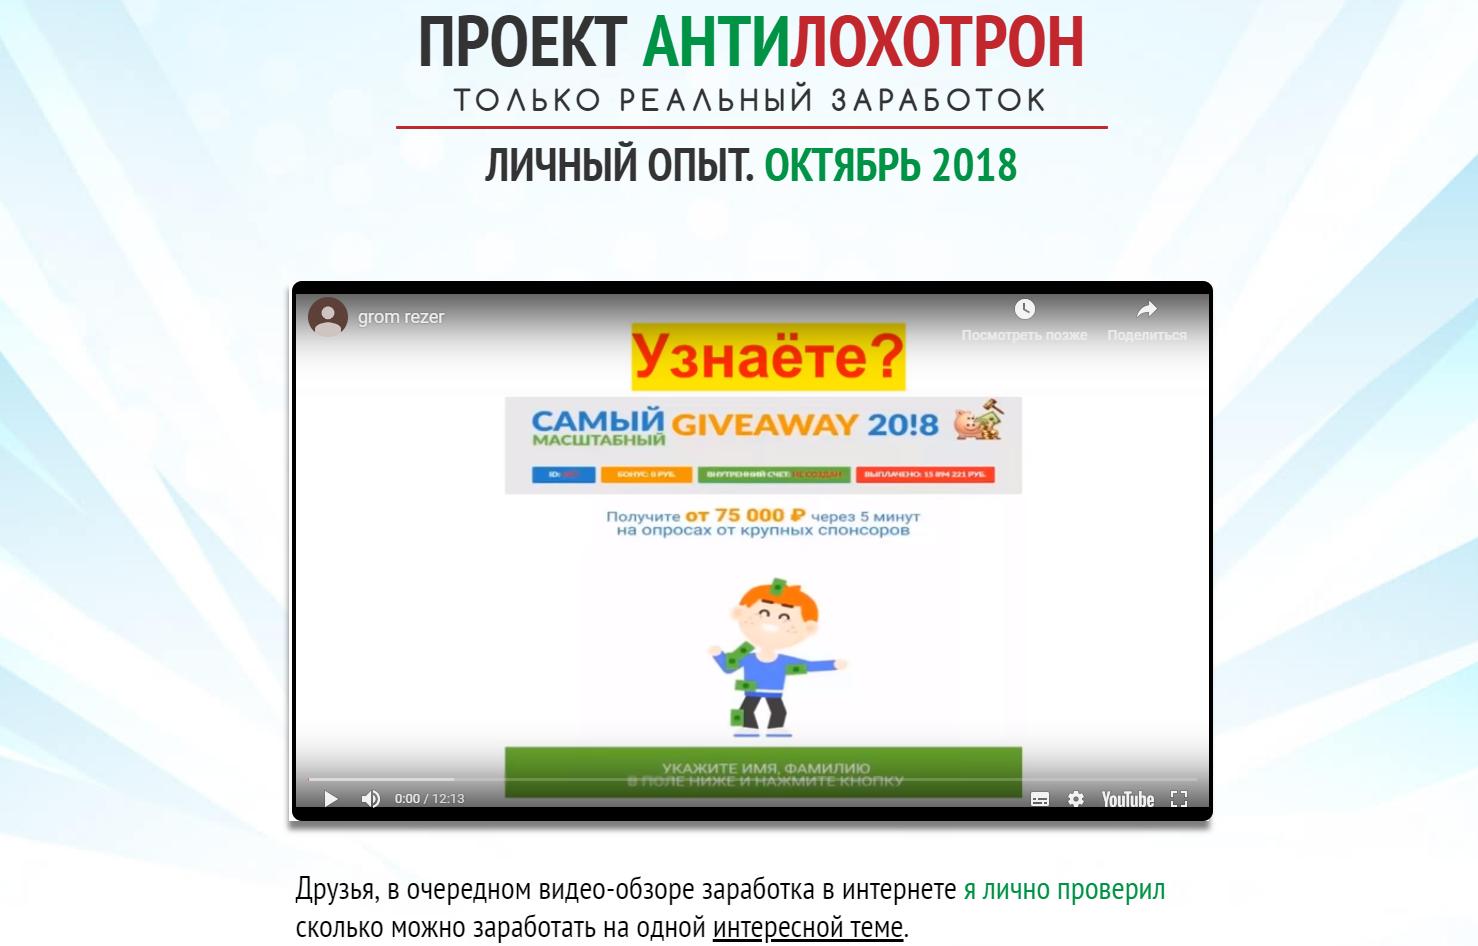 мошеннические сайты по заработку в интернете